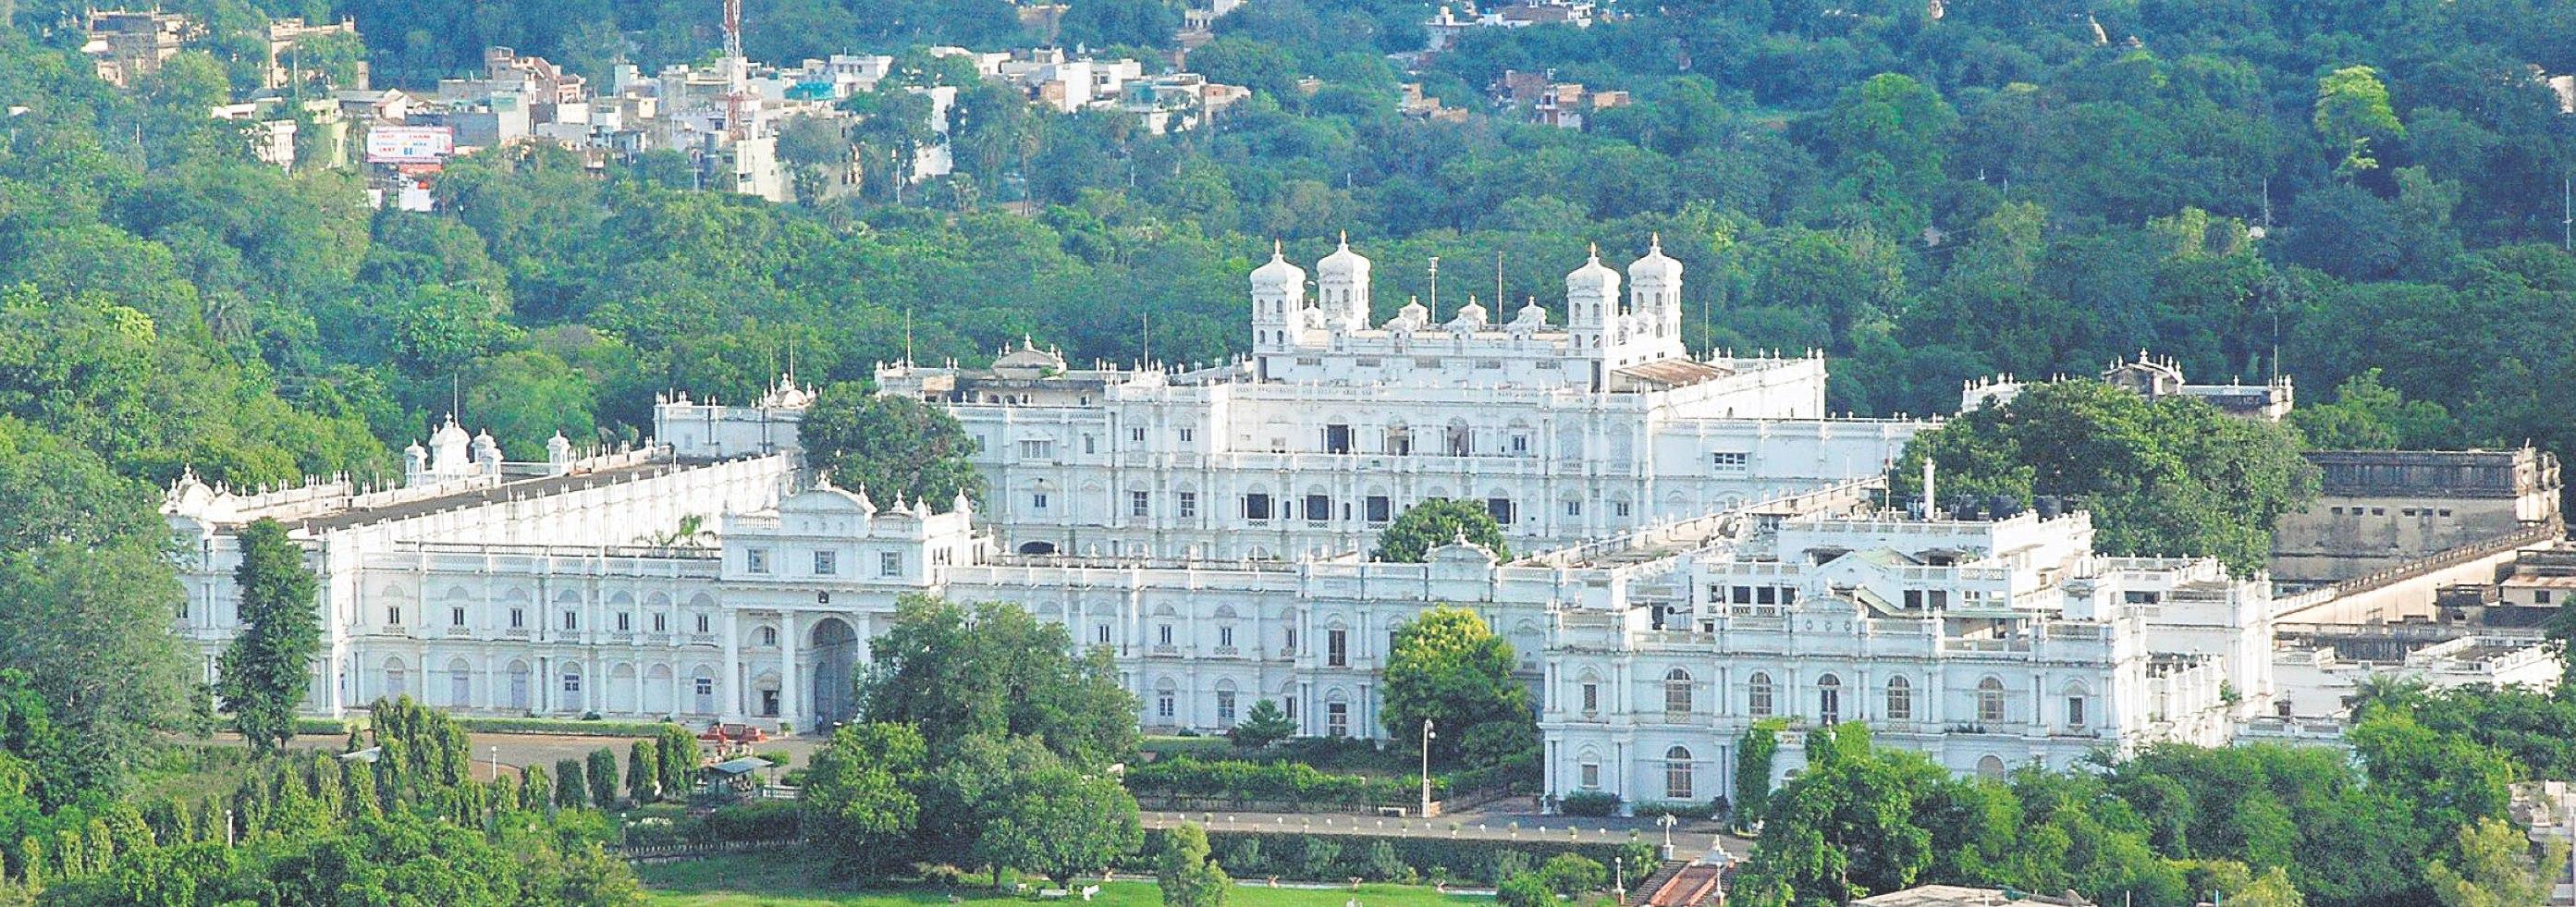 File:Jai Vilas - panoramio.jpg - Wikimedia Commons